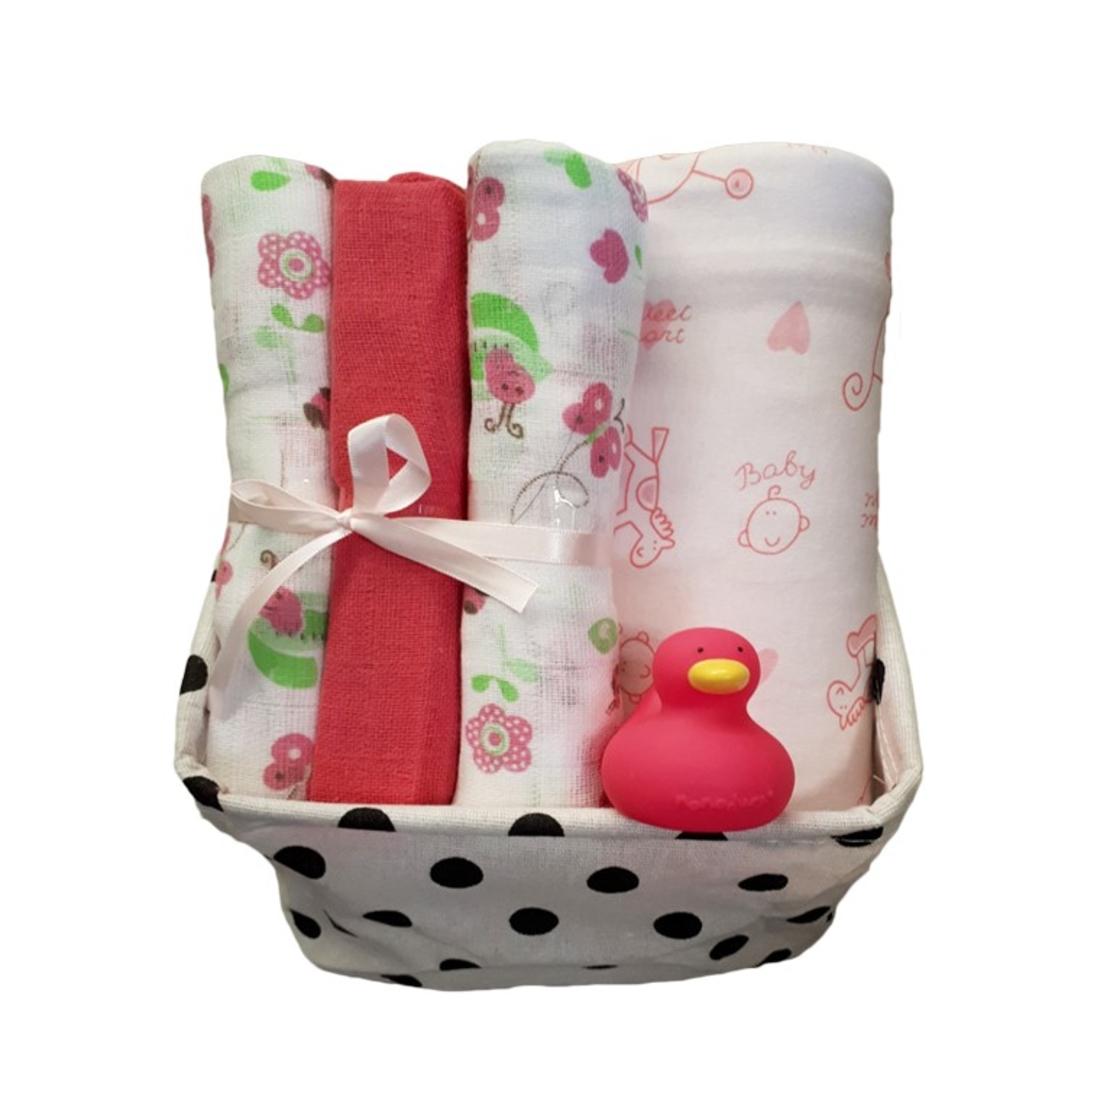 22# - מתוק לה : ערכה מפנקת של סל בד בשחור-לבן המכיל שלישיית חיתולי טטרה, שמיכת תינוק רכה וברווזן לאמבט